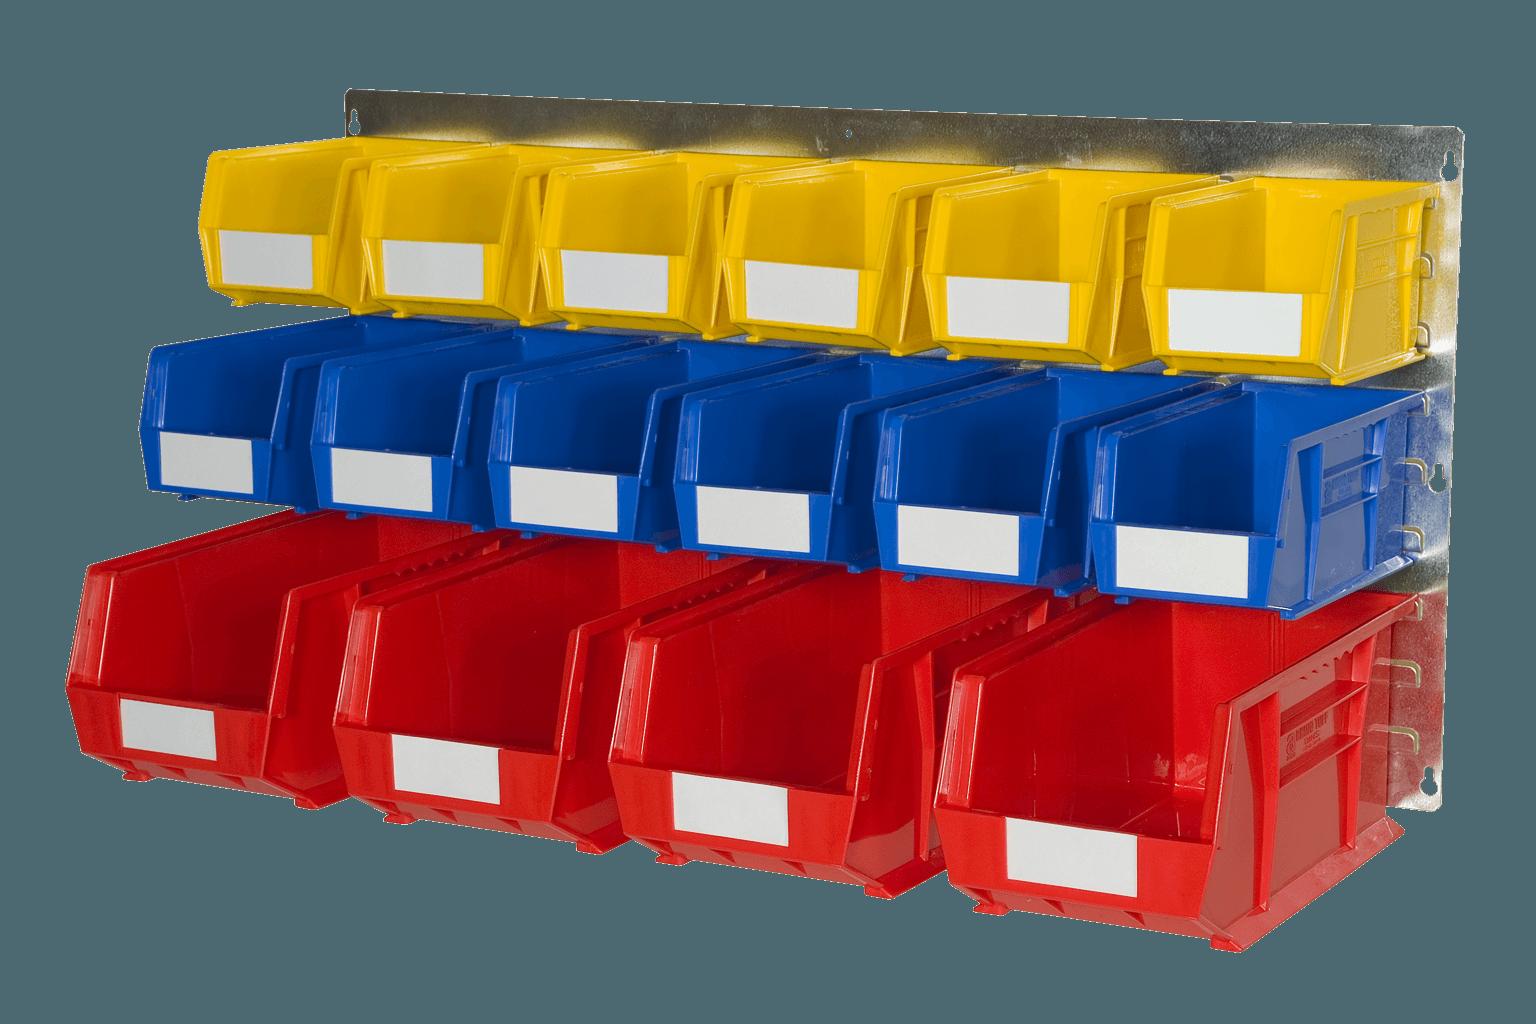 Storage Bin Wall Kits